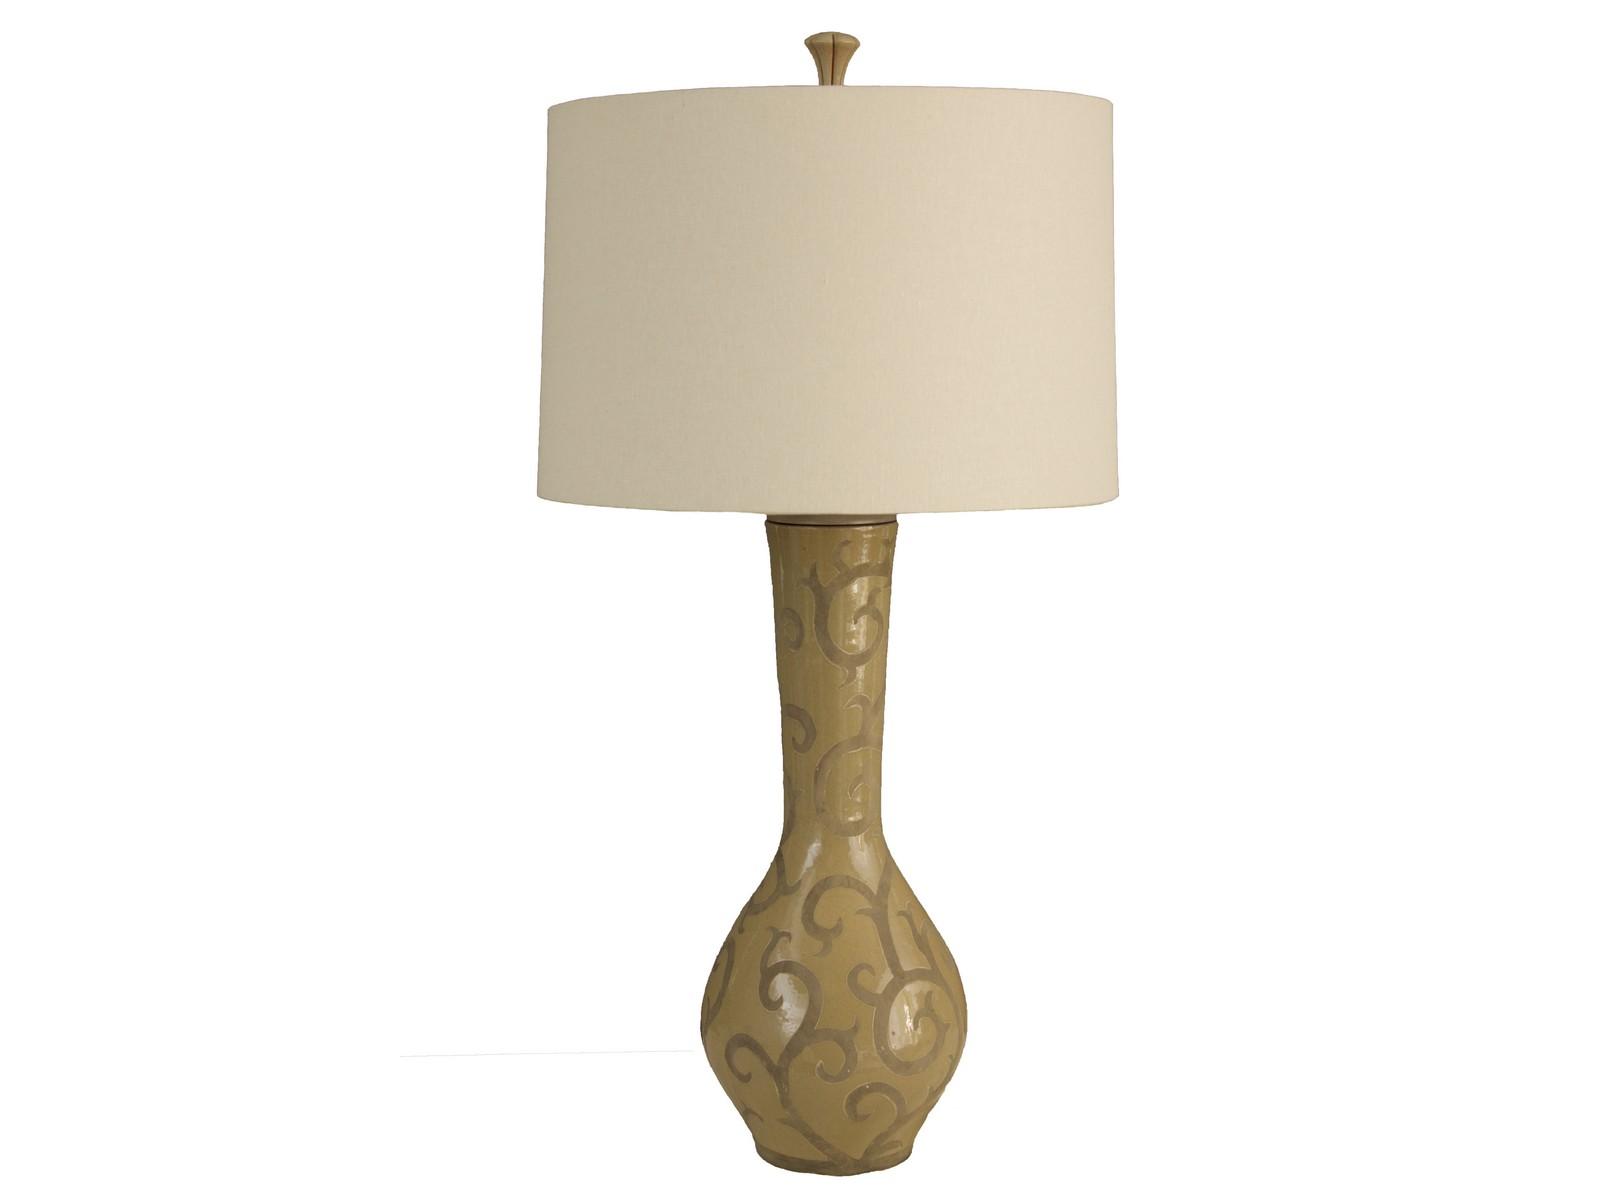 Настольная лампа Olivine MarlinaДекоративные лампы<br>&amp;lt;div&amp;gt;Вид цоколя: Е27&amp;lt;/div&amp;gt;&amp;lt;div&amp;gt;Мощность лампы: 60W&amp;lt;/div&amp;gt;&amp;lt;div&amp;gt;Количество ламп: 1&amp;lt;/div&amp;gt;&amp;lt;div&amp;gt;Наличие ламп: нет&amp;lt;/div&amp;gt;<br><br>Material: Керамика<br>Height см: 83<br>Diameter см: 43